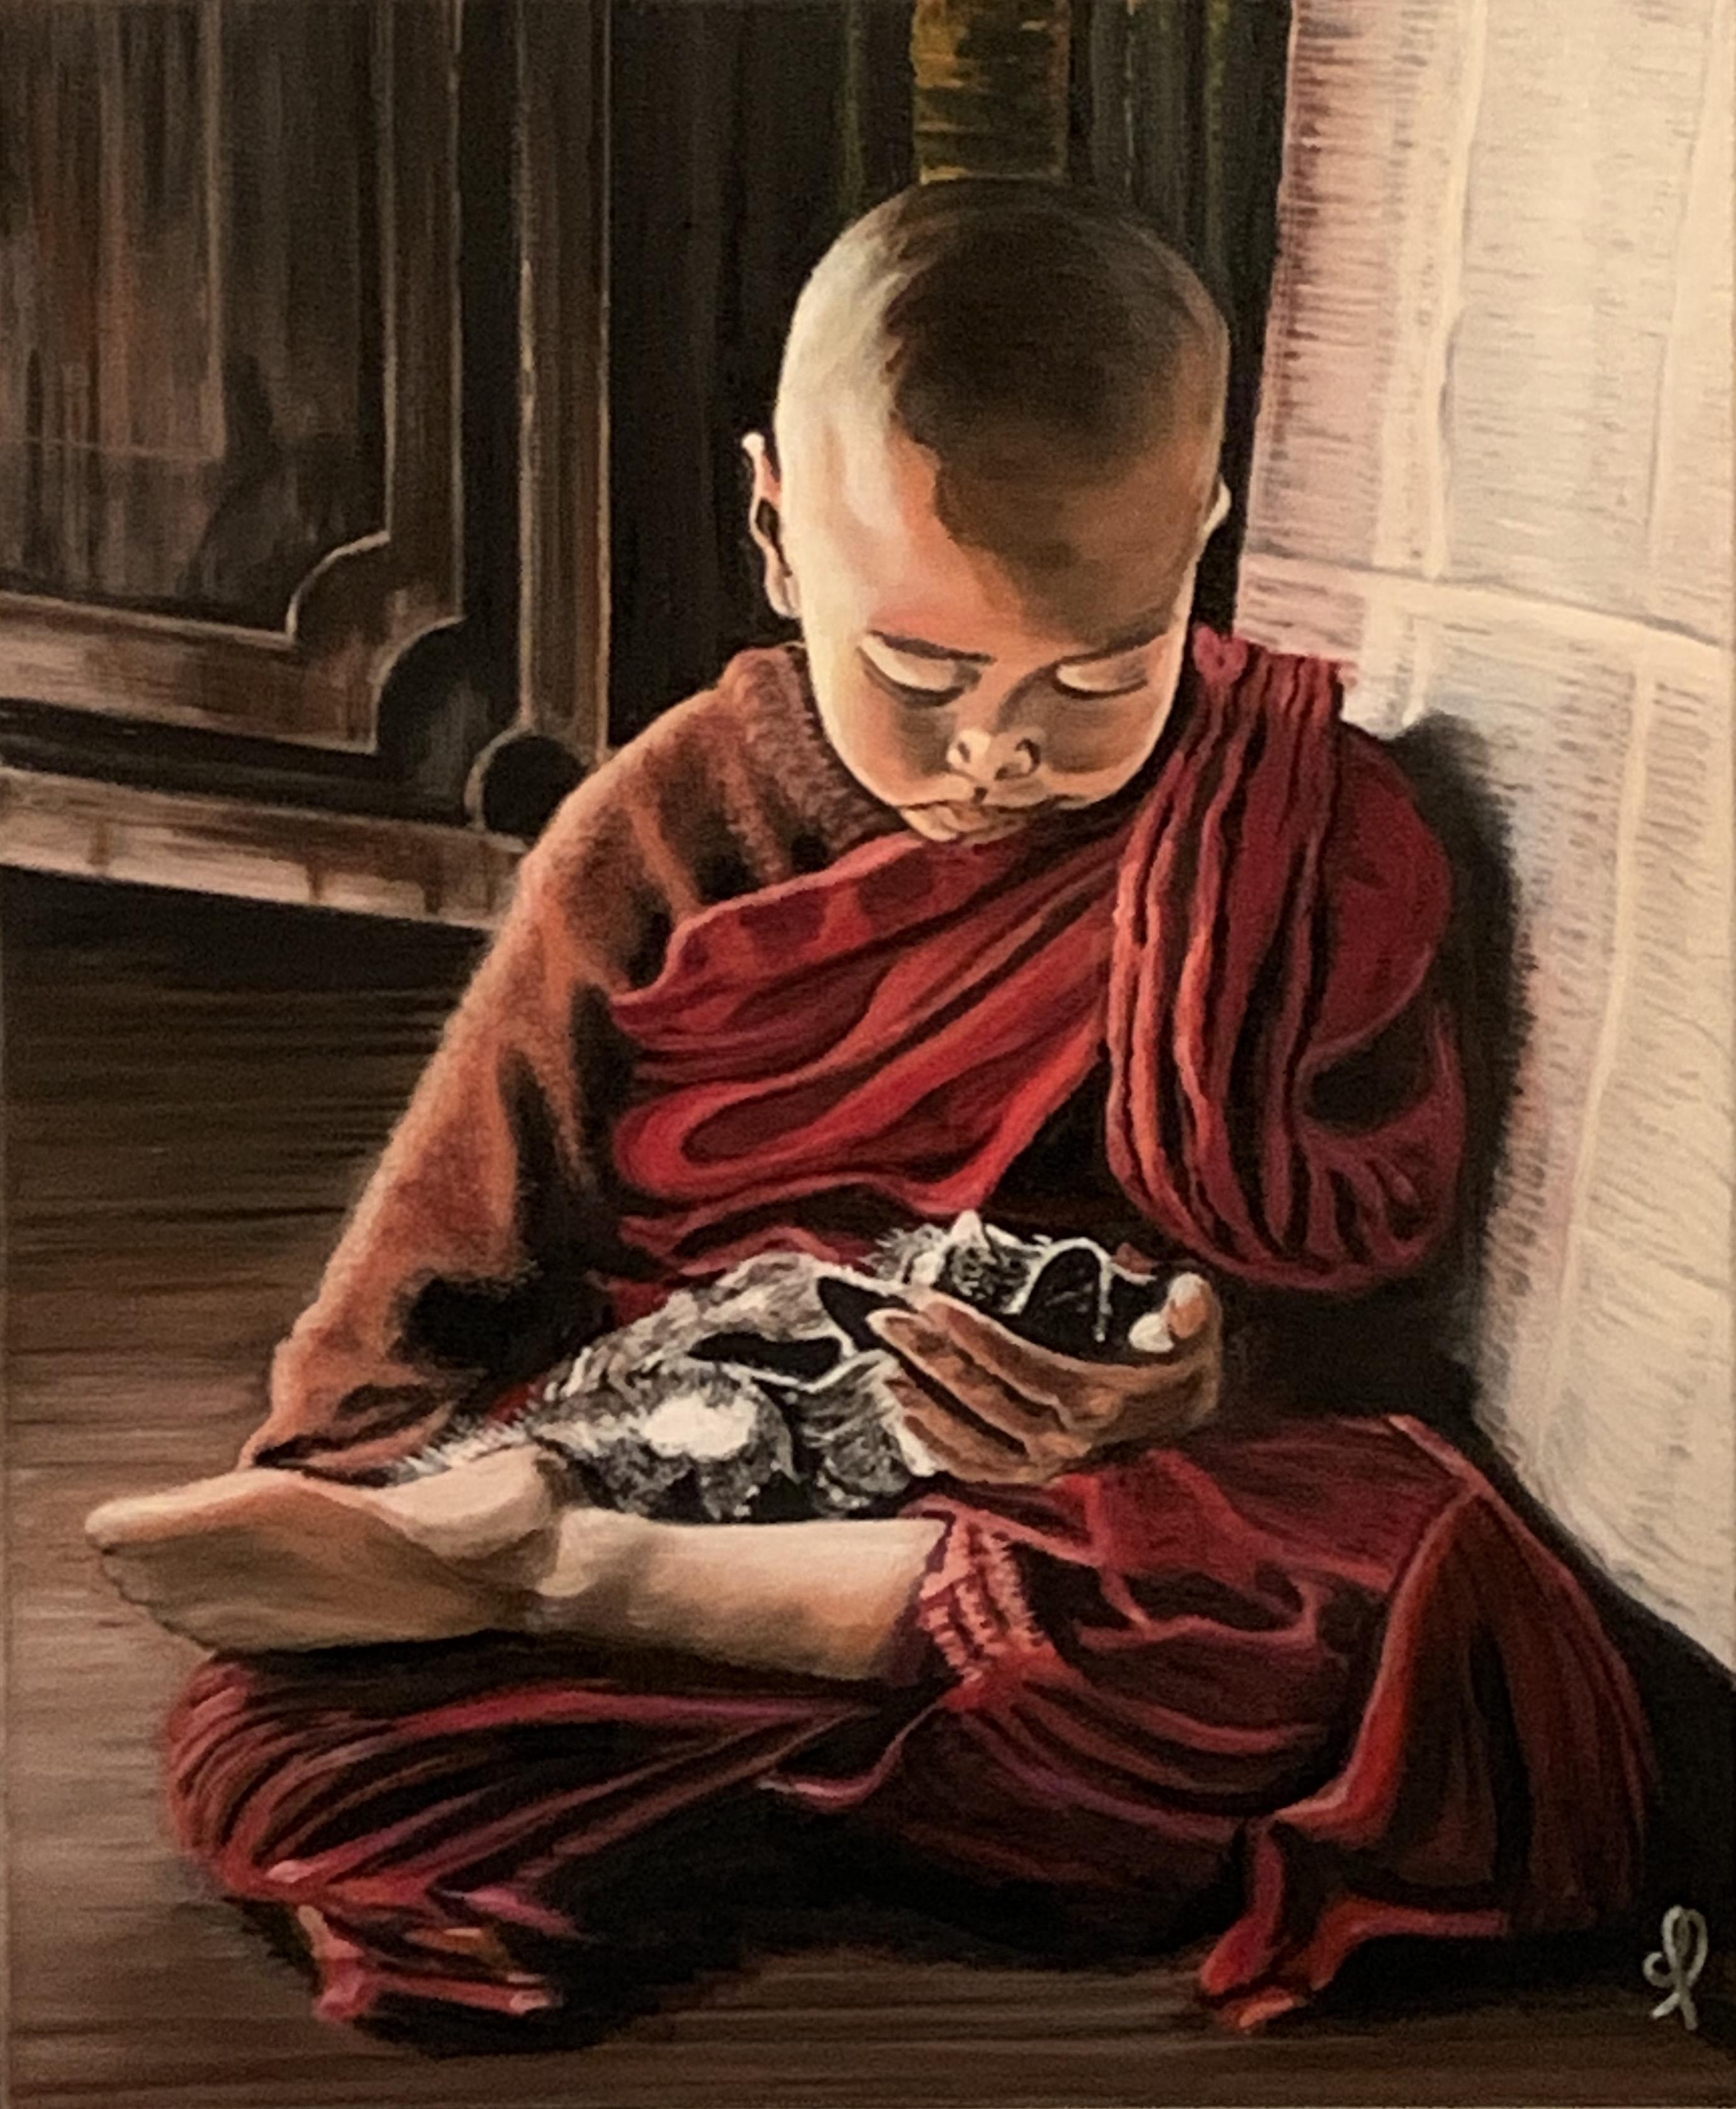 Tibetan monk child and his kitten - oil on canvas 38x46